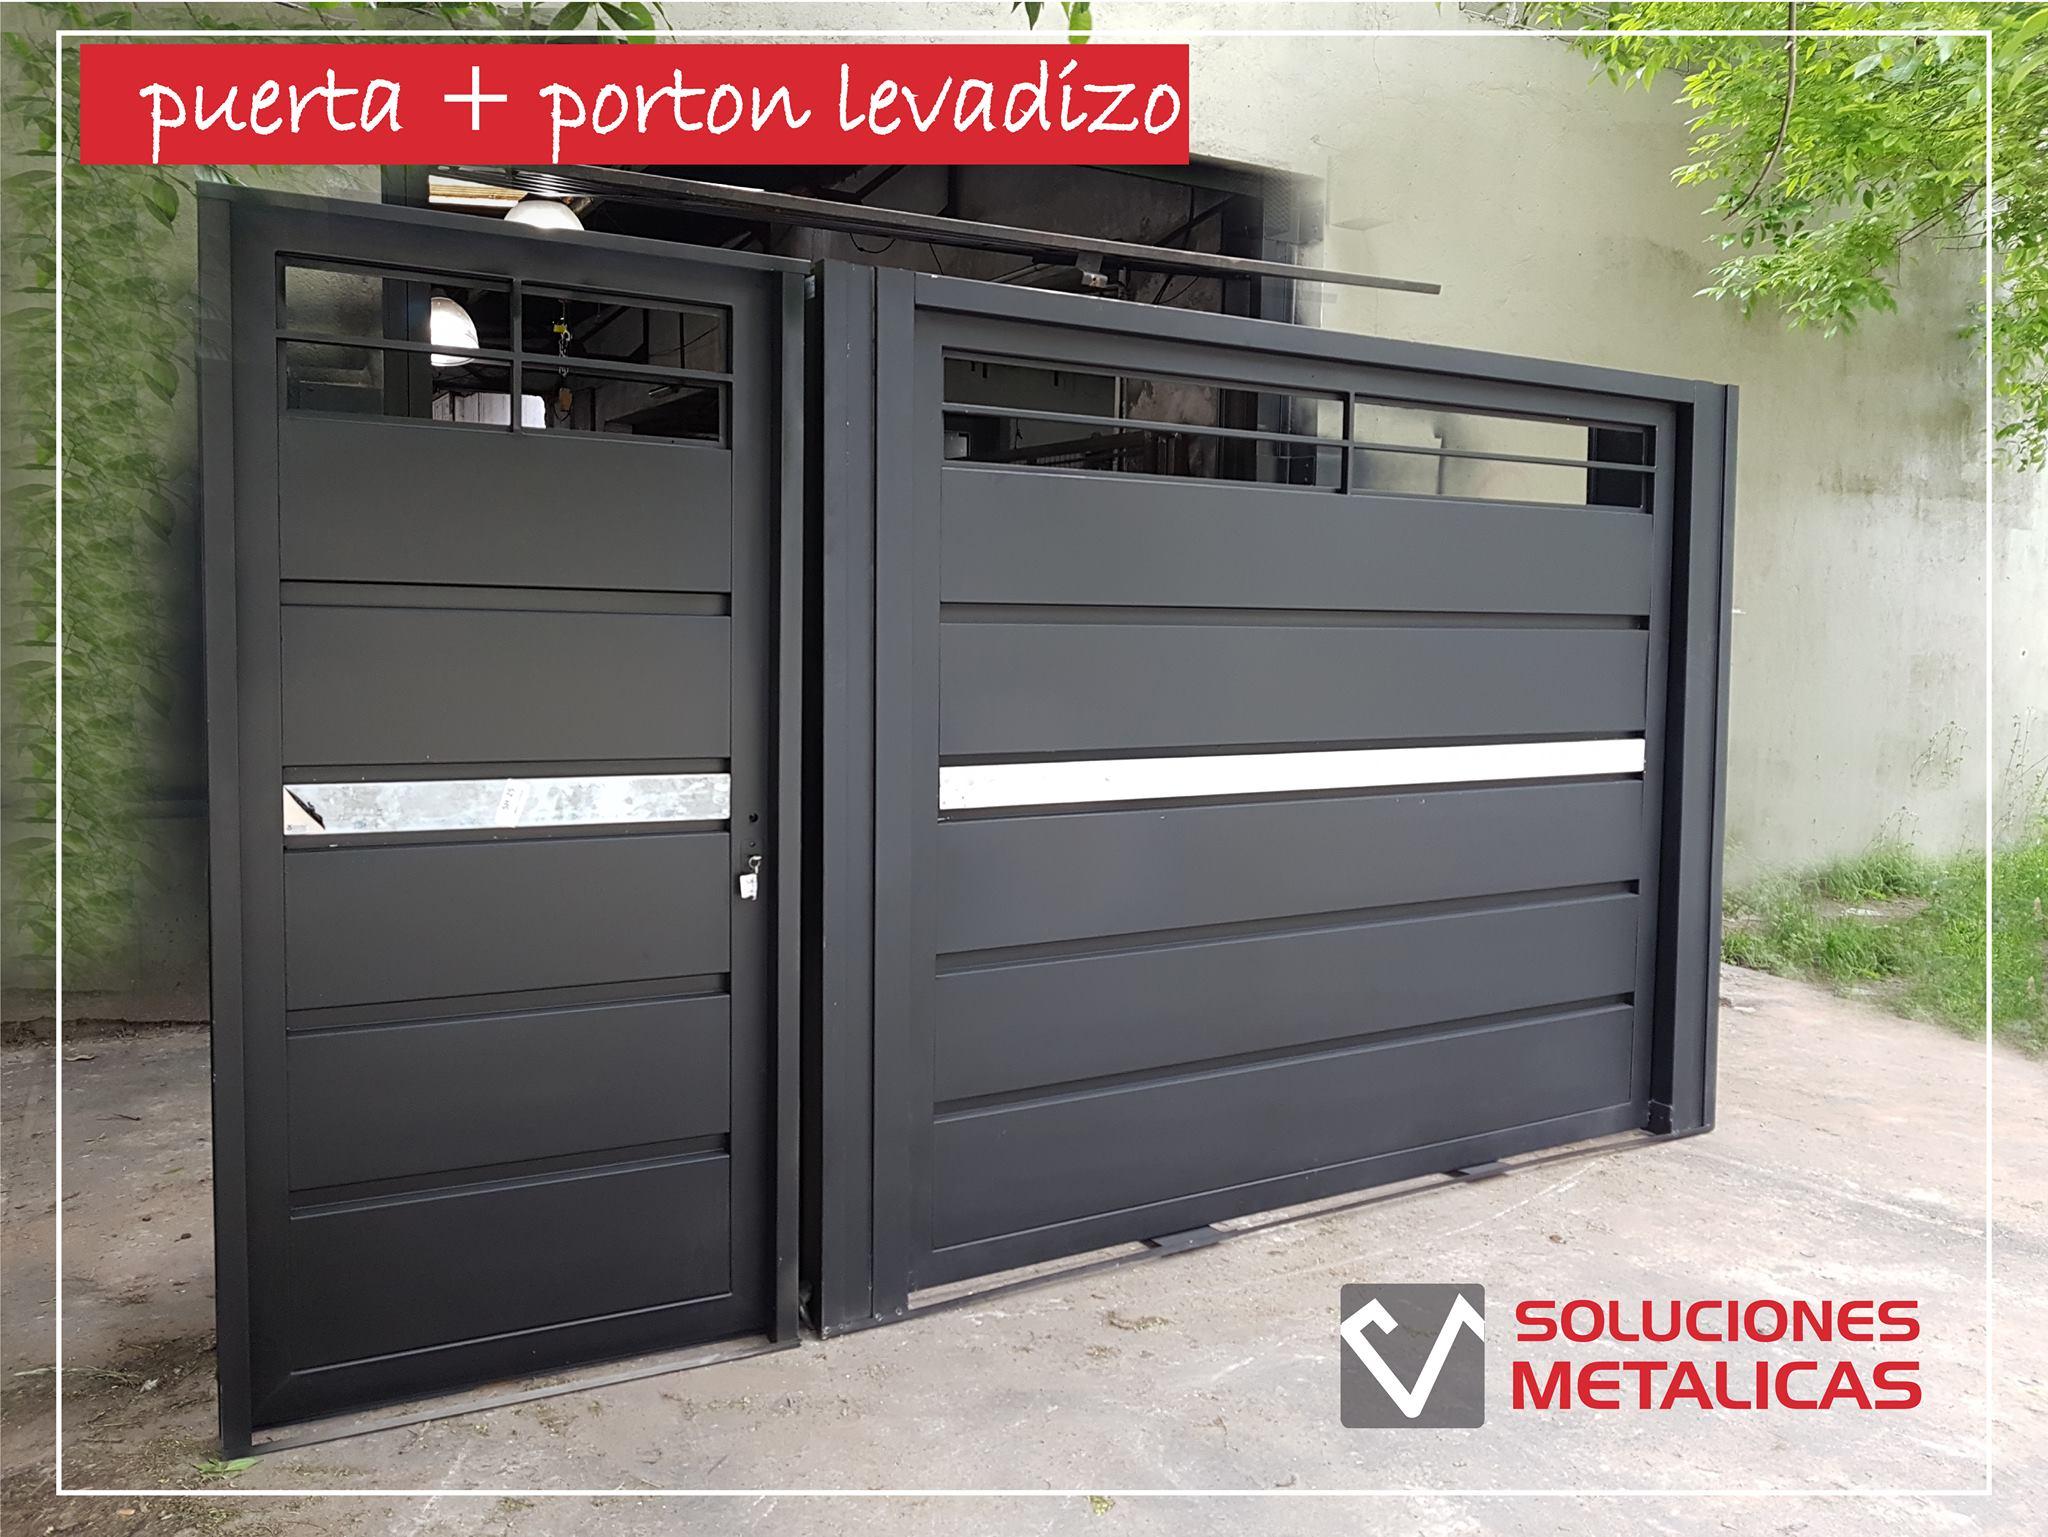 Portones corredizos levadizos pivot soluciones met licas - Fotos de puertas metalicas para casas ...